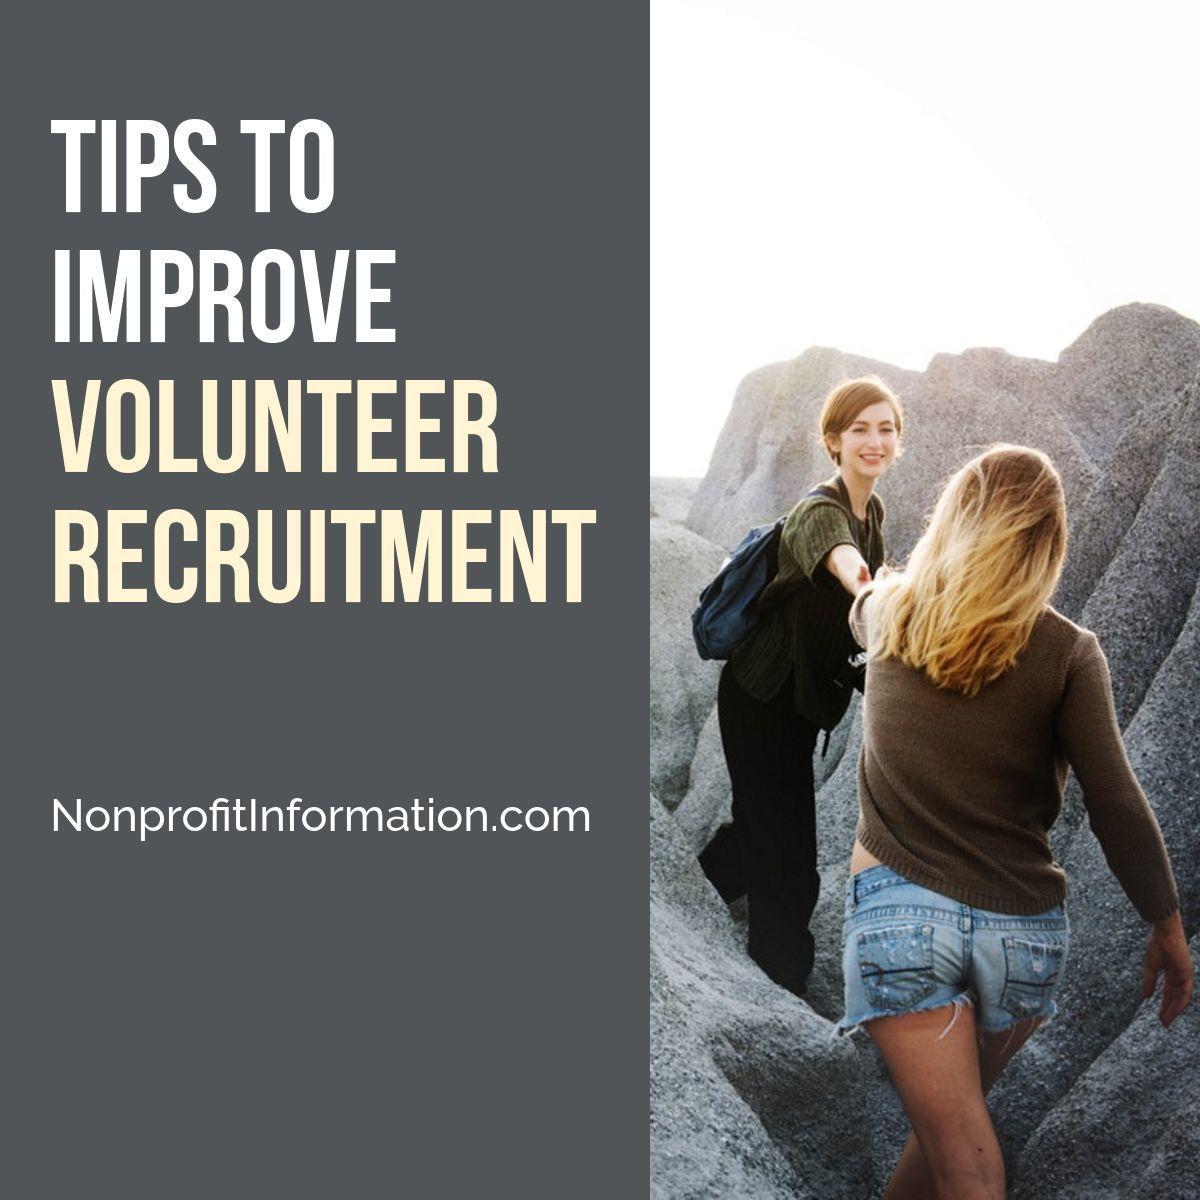 Tips to improve volunteer recruitment nonprofit